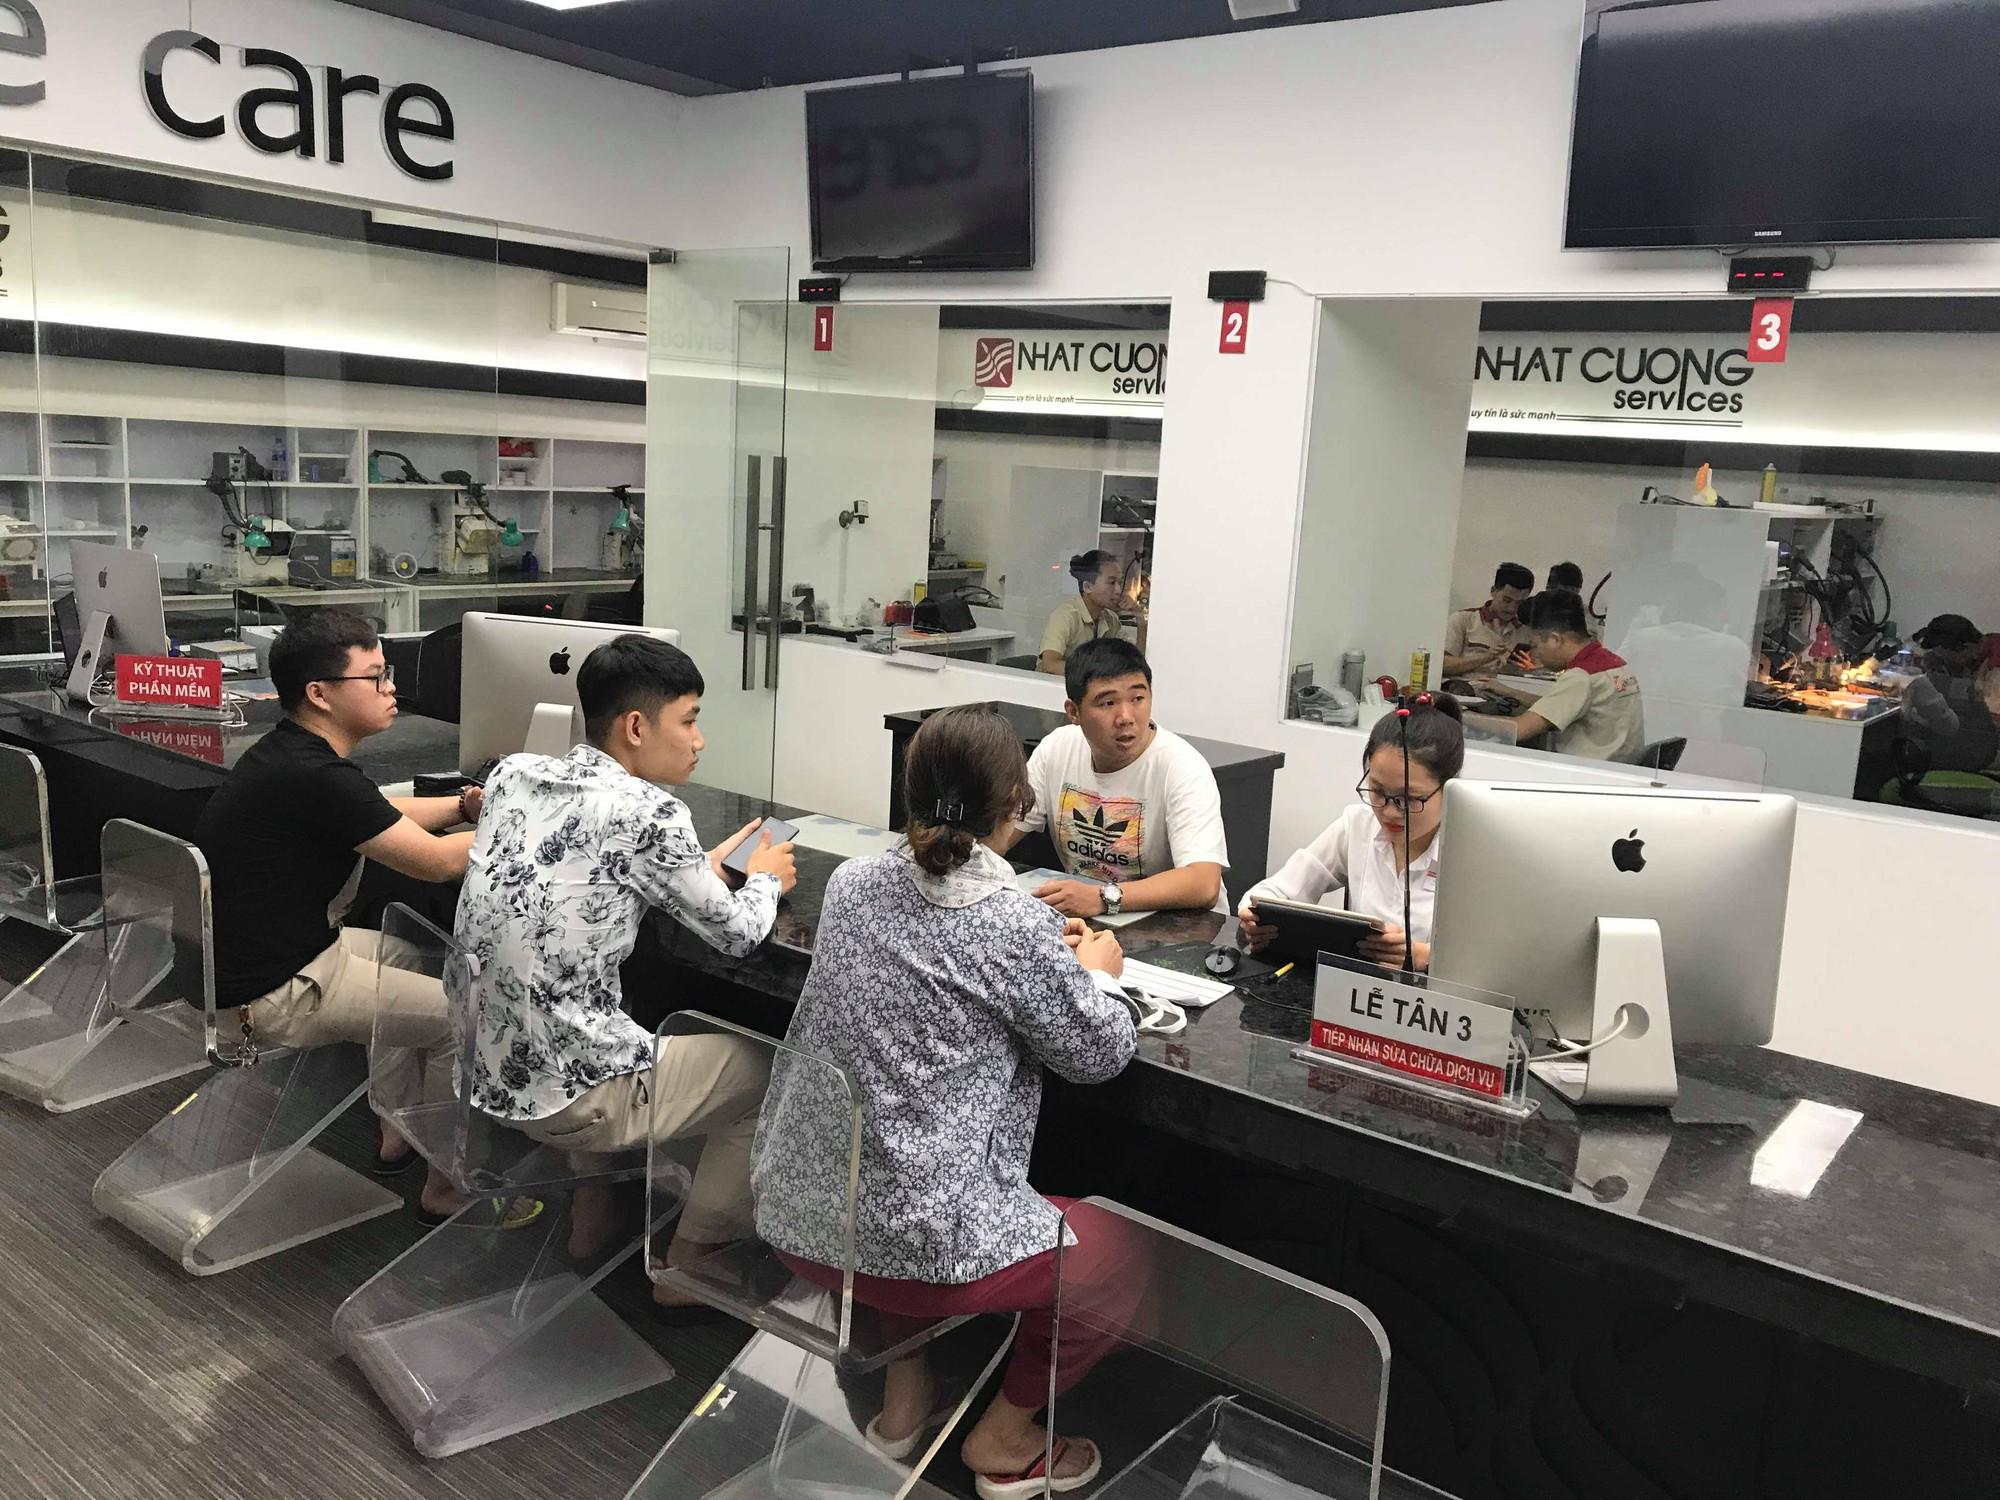 Nhật Cường mobile bất ngờ hé cửa đón khách - Ảnh 3.